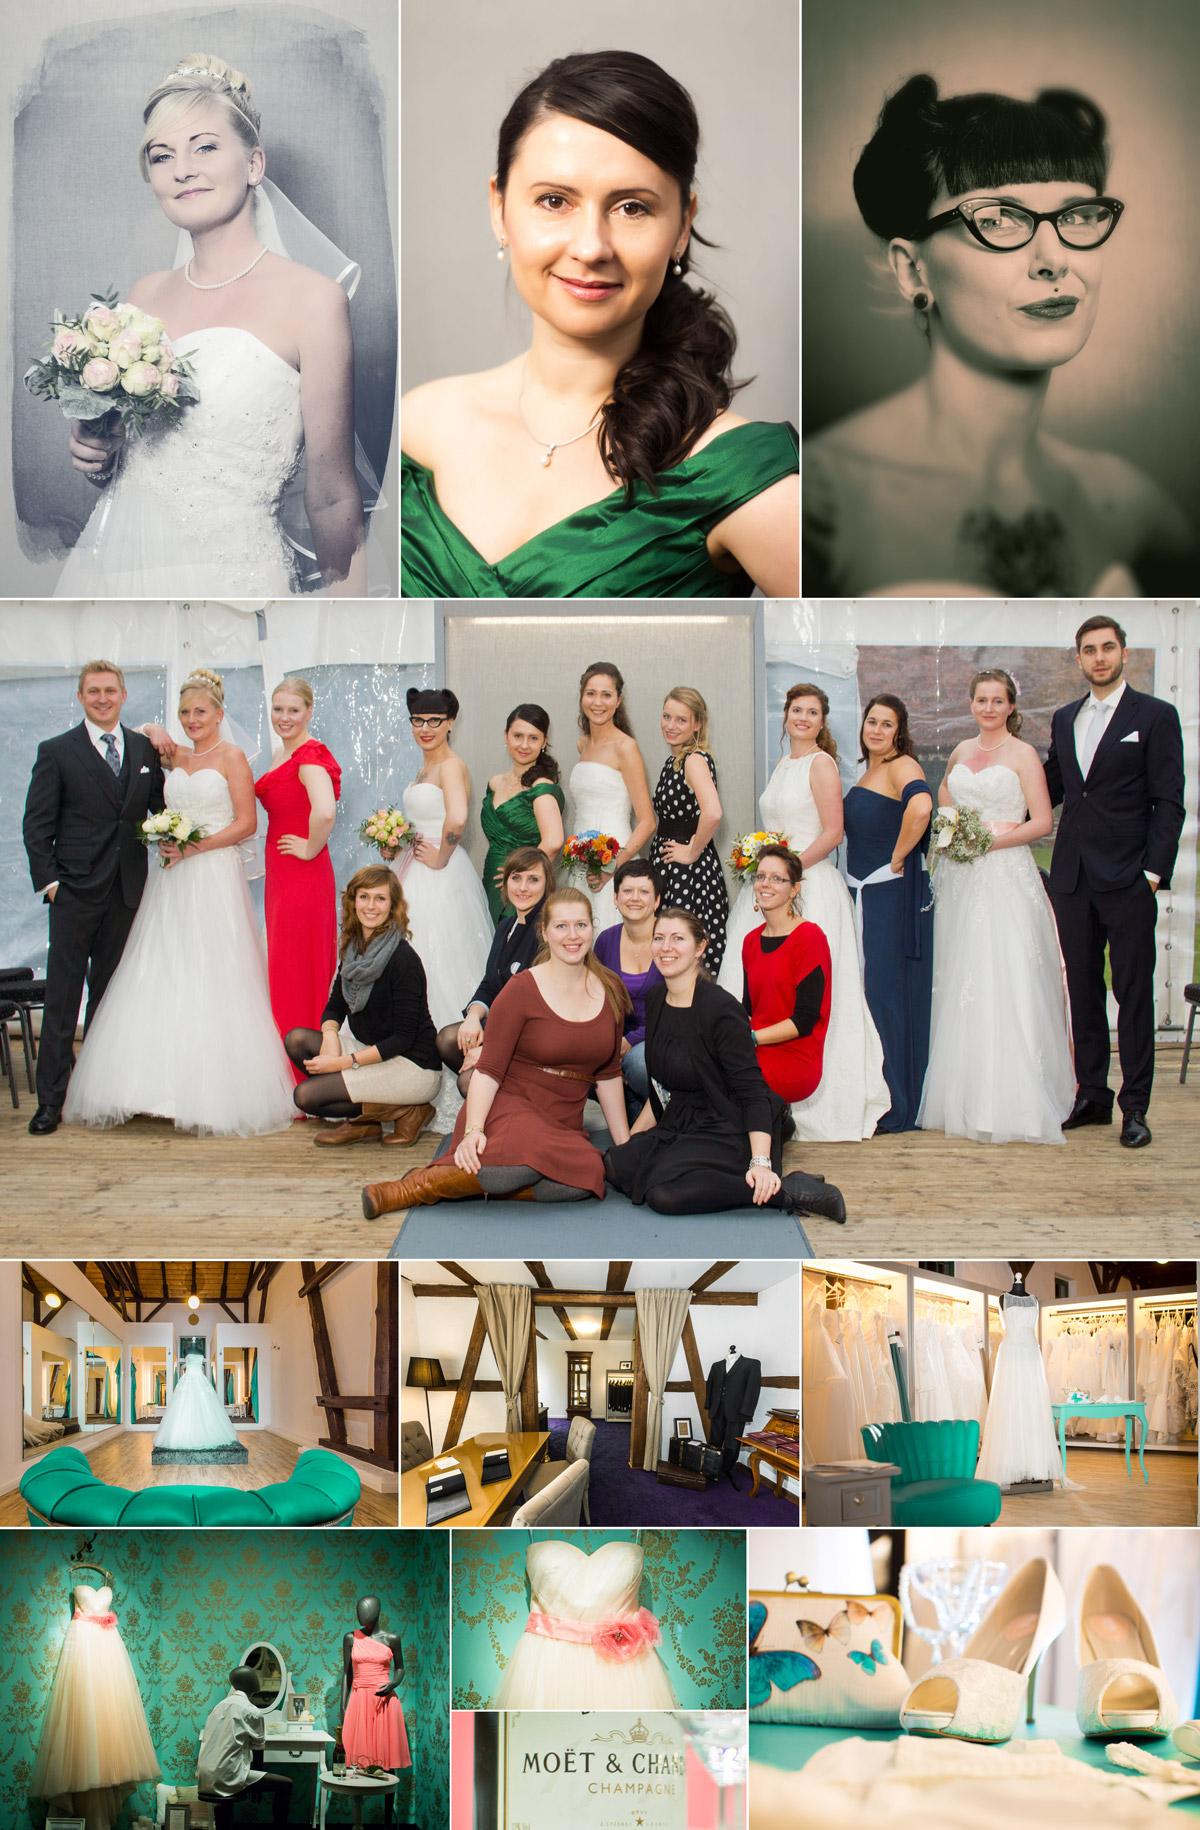 Hochzeitsfotografie Matthias Friel - 2012 - Hochzeitshof Glaisin